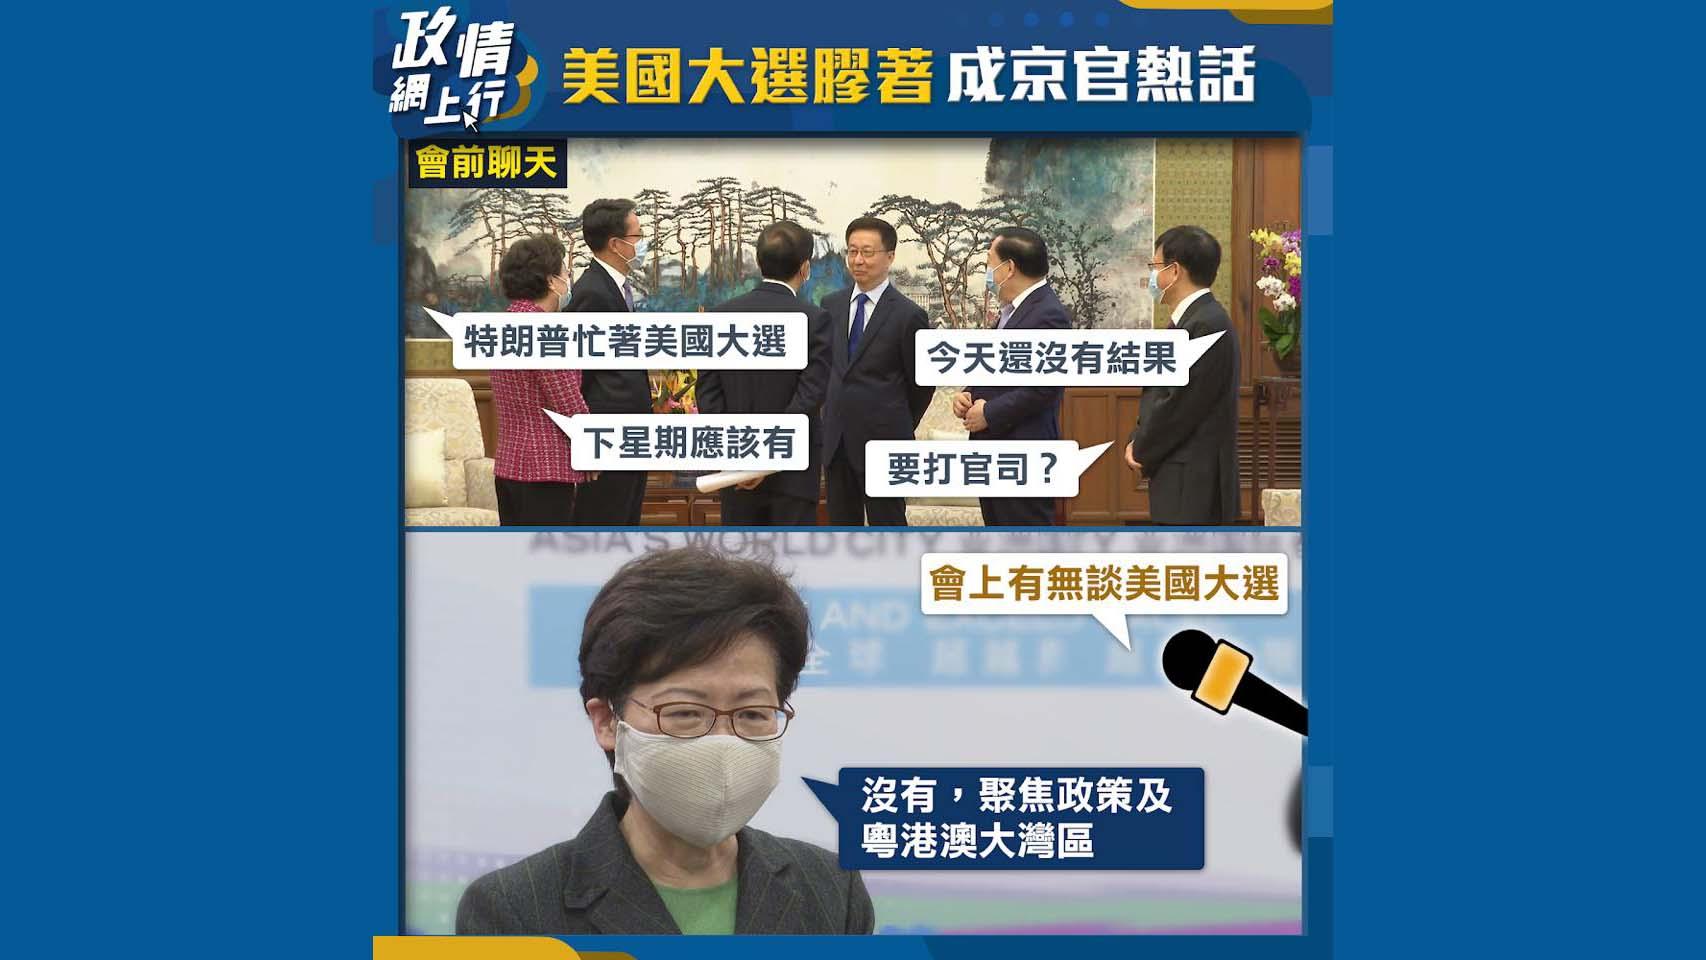 【政情網上行】美國大選膠著成京官熱話